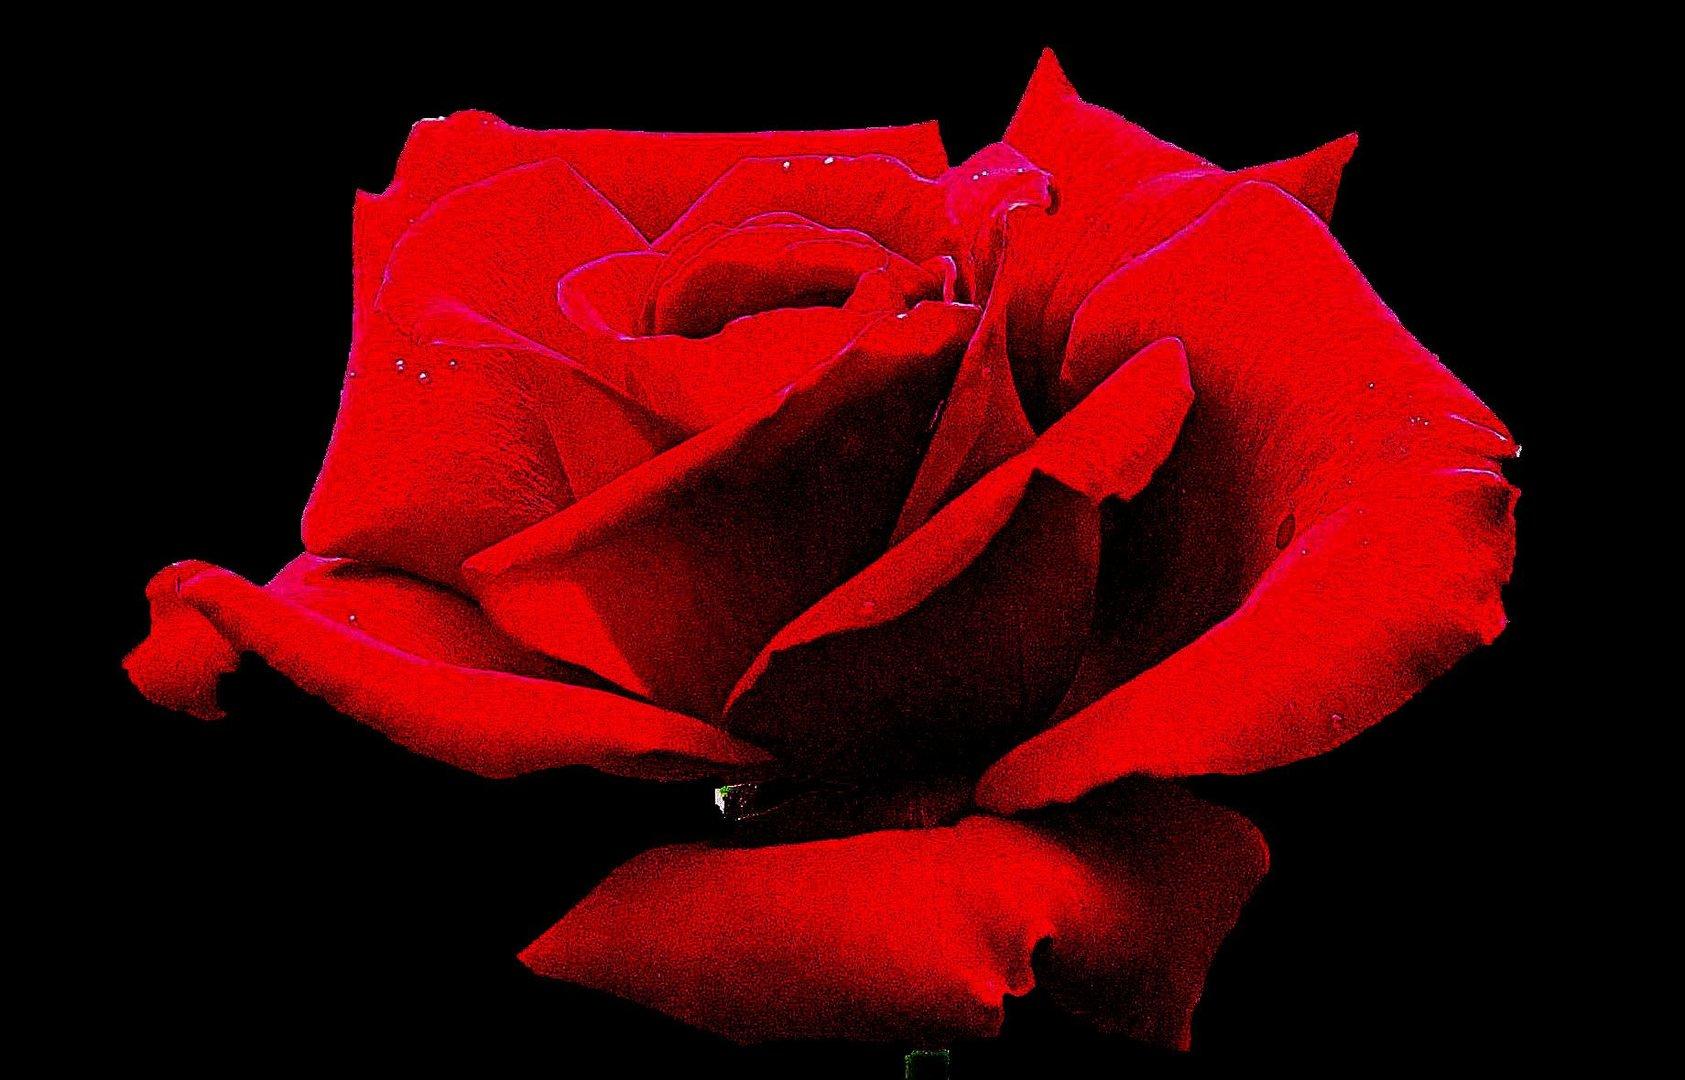 Bild 2: Bearbeitete Rosenblüte aus Uschis Garten.